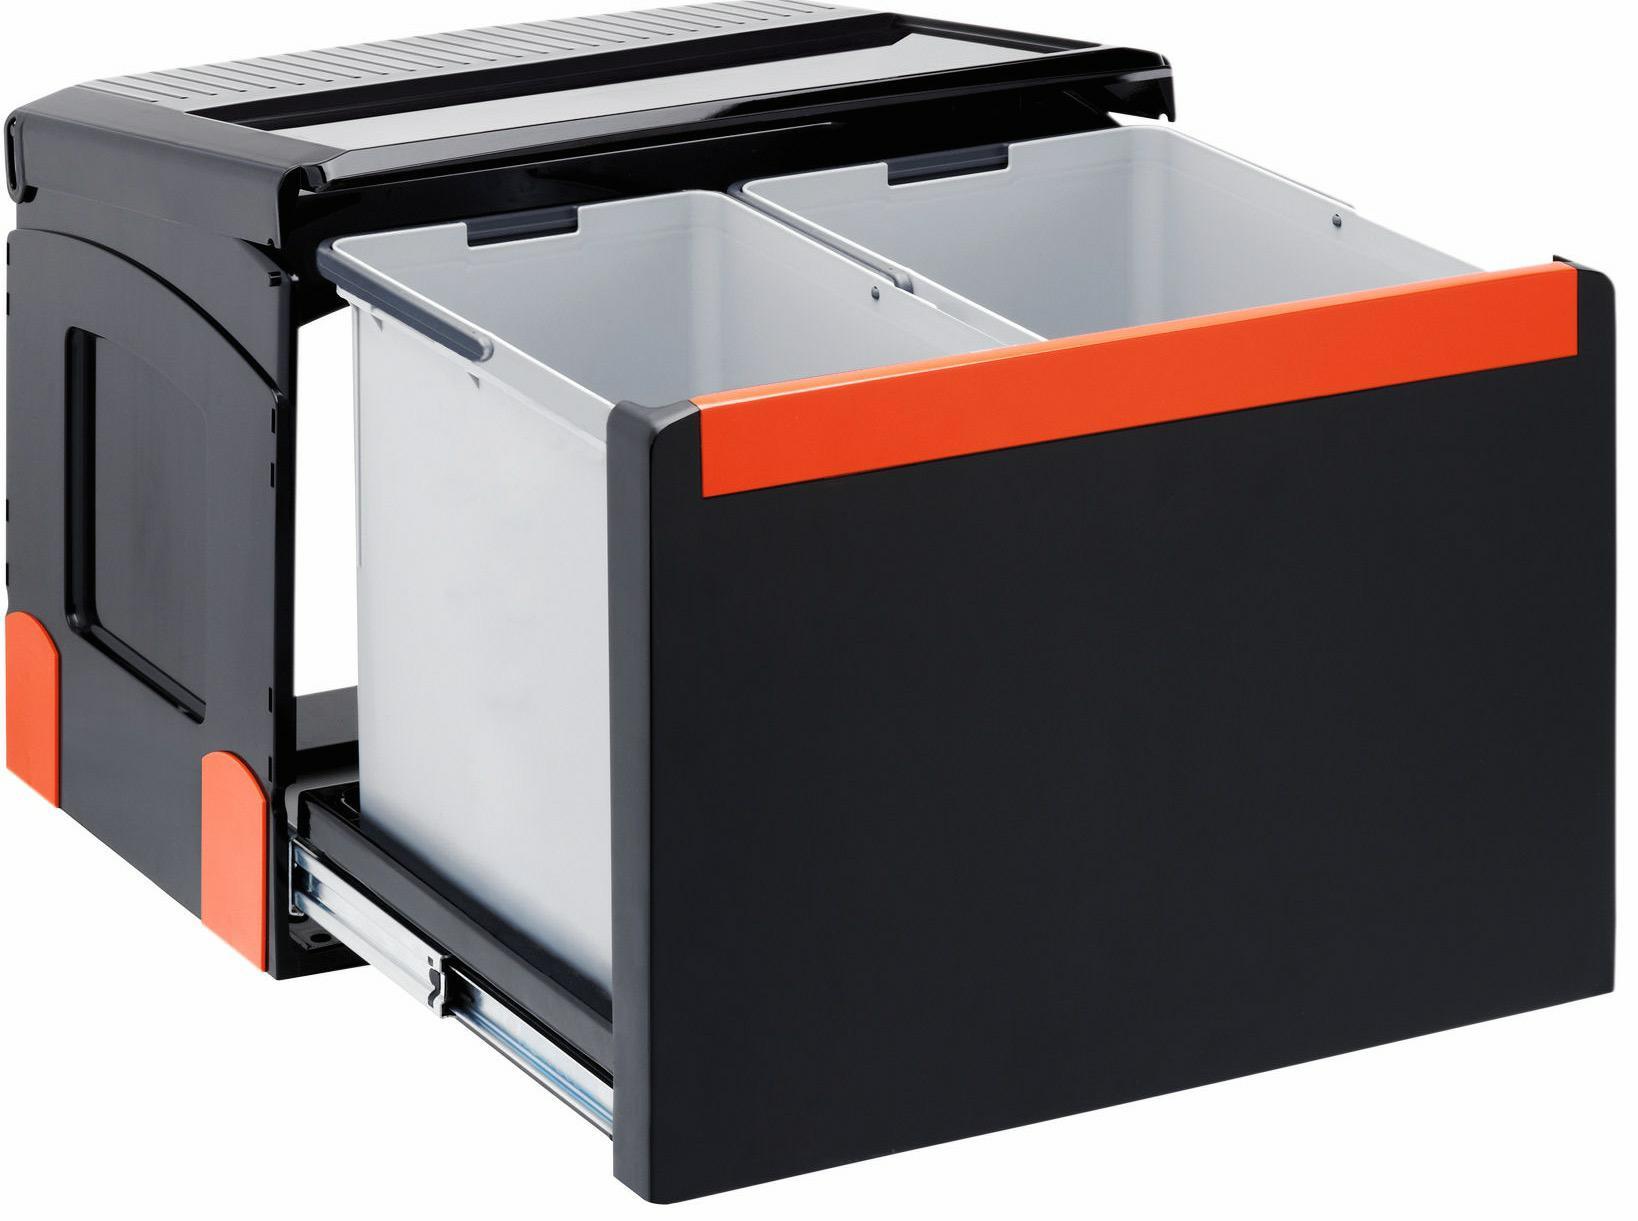 afvalemmer sorter Franke Toebehoren C50H502 afvalemmer sorter C 50H502 C 50 H 502